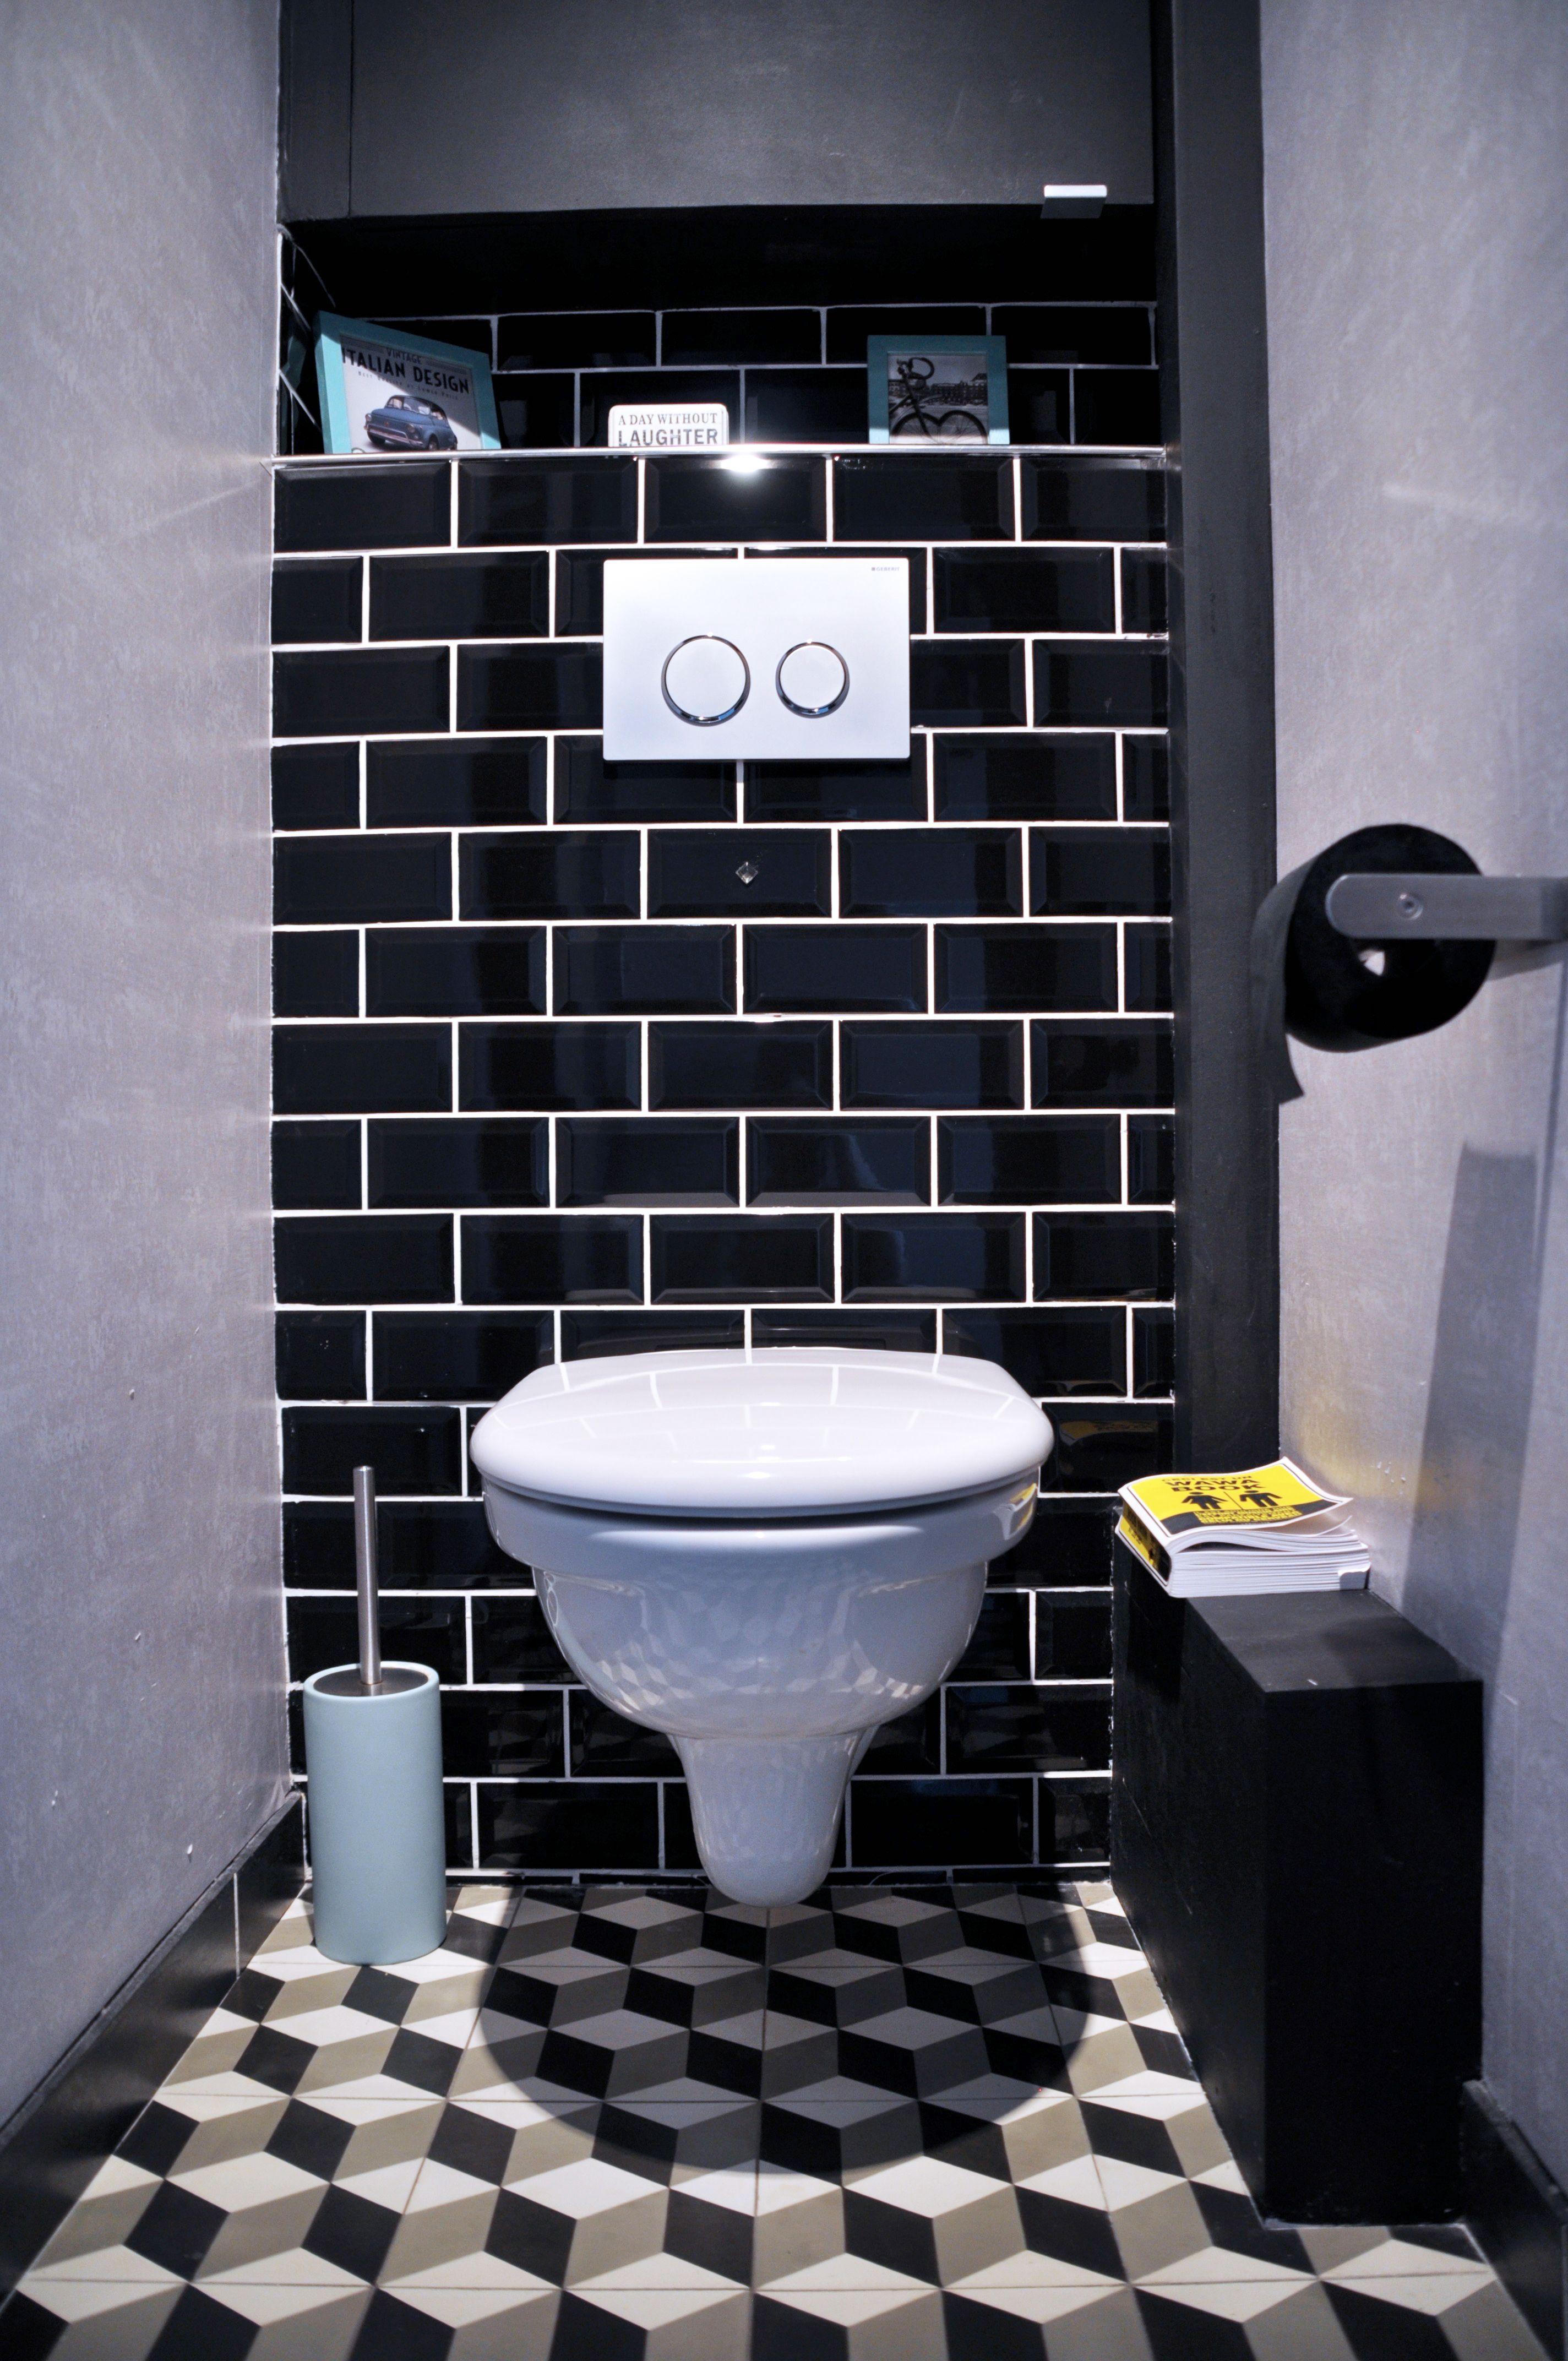 Wc Style Industriel Avec Le Carrelage Metro Noir Les Careaux De Ciment Au Sol Et Le Papier Peint Effe Carrelage Metro Noir Carrelage Toilette Deco Wc Suspendu